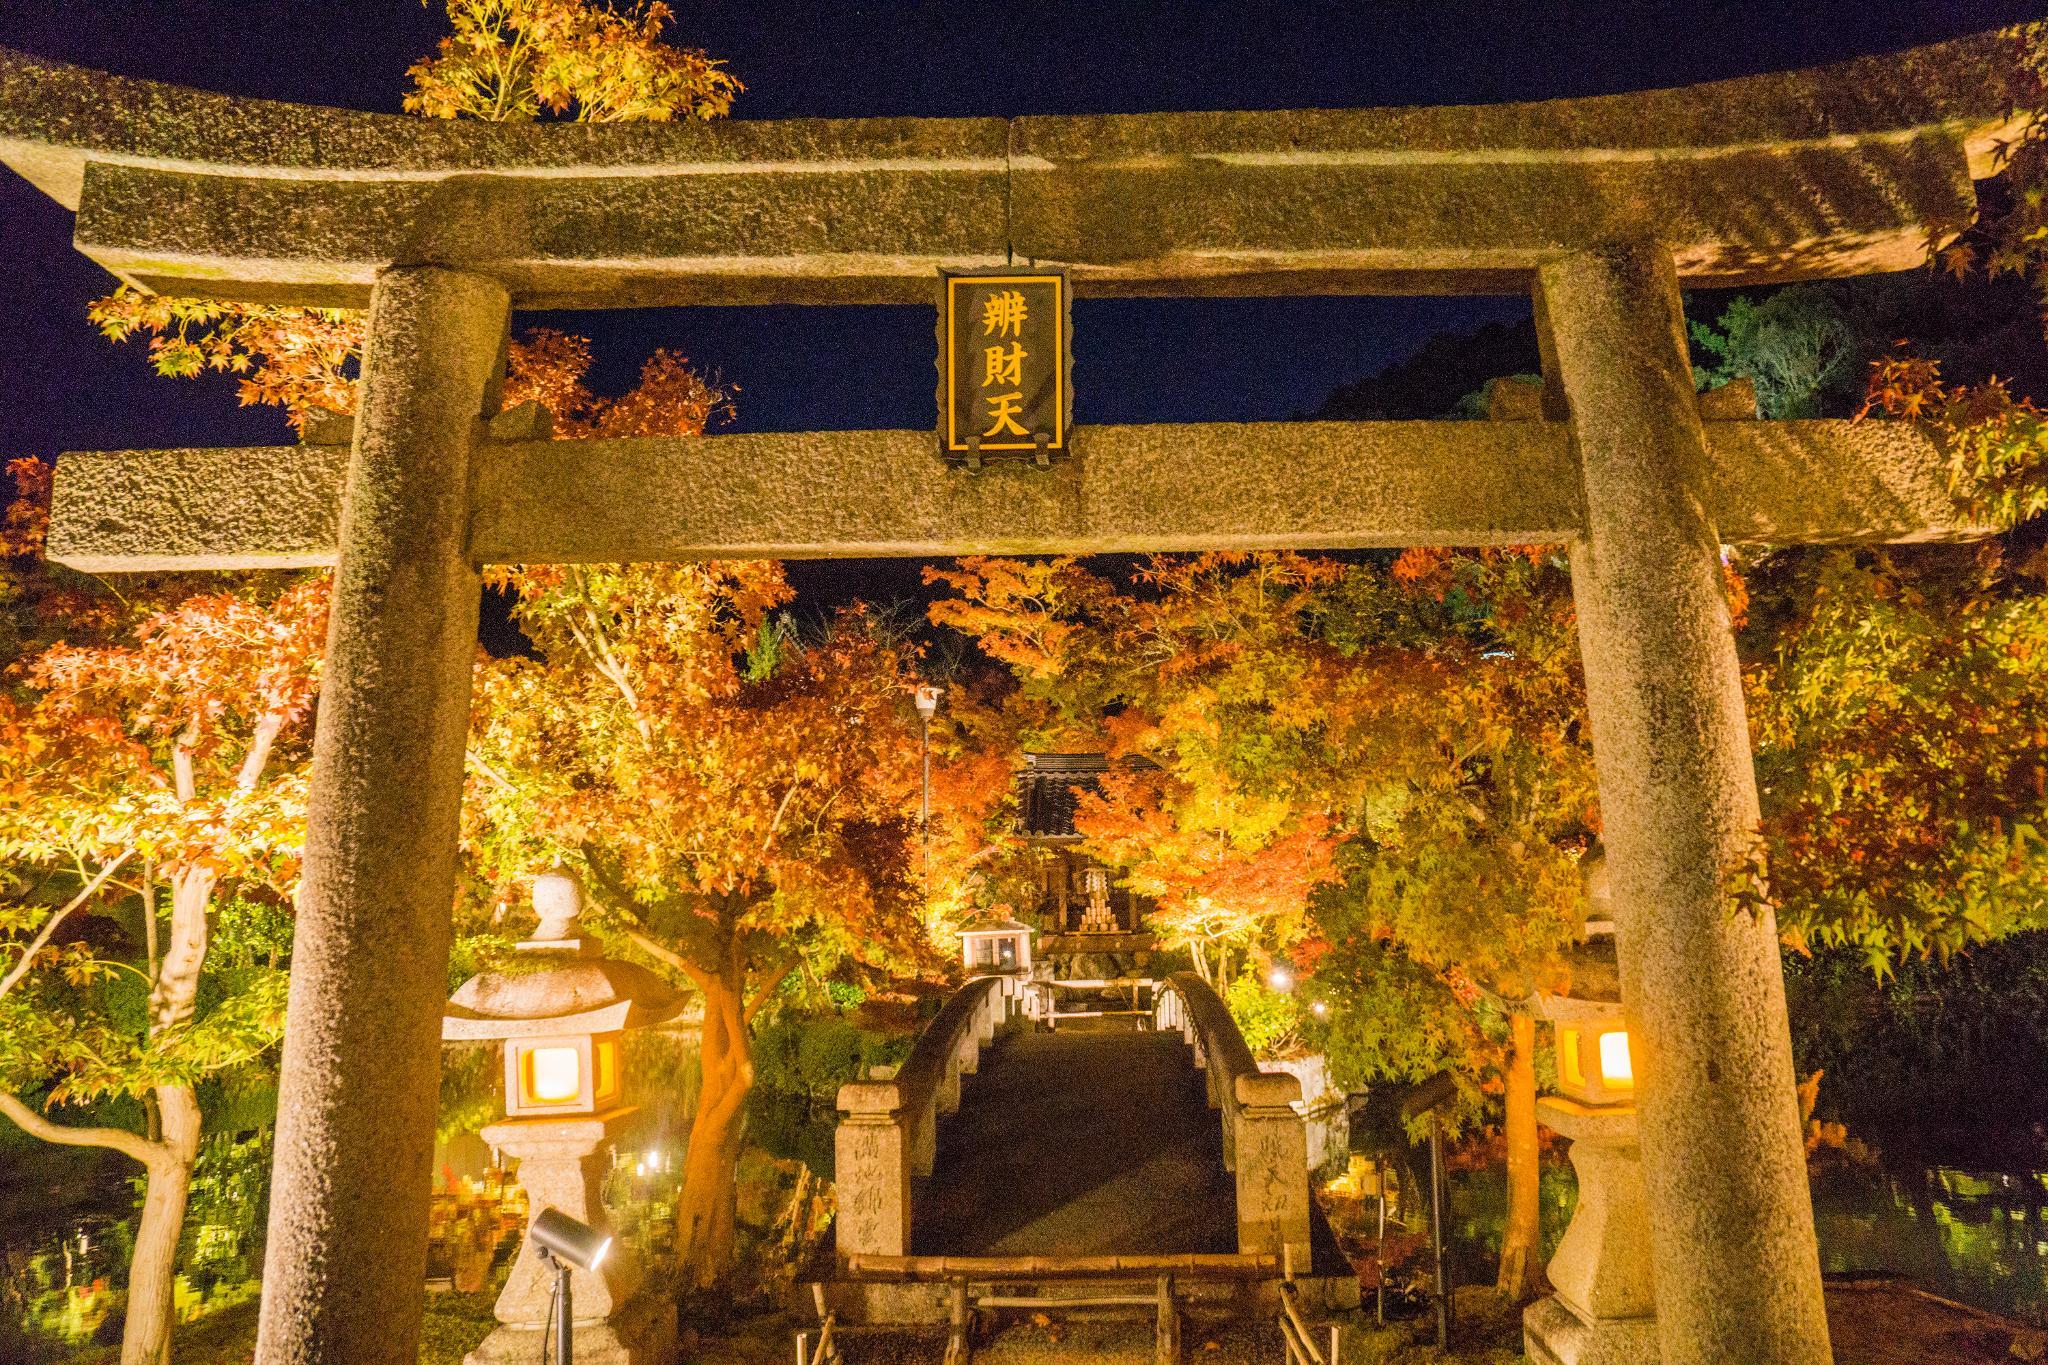 【京都】此生必來的紅葉狩絕景 - 永觀堂夜楓 113